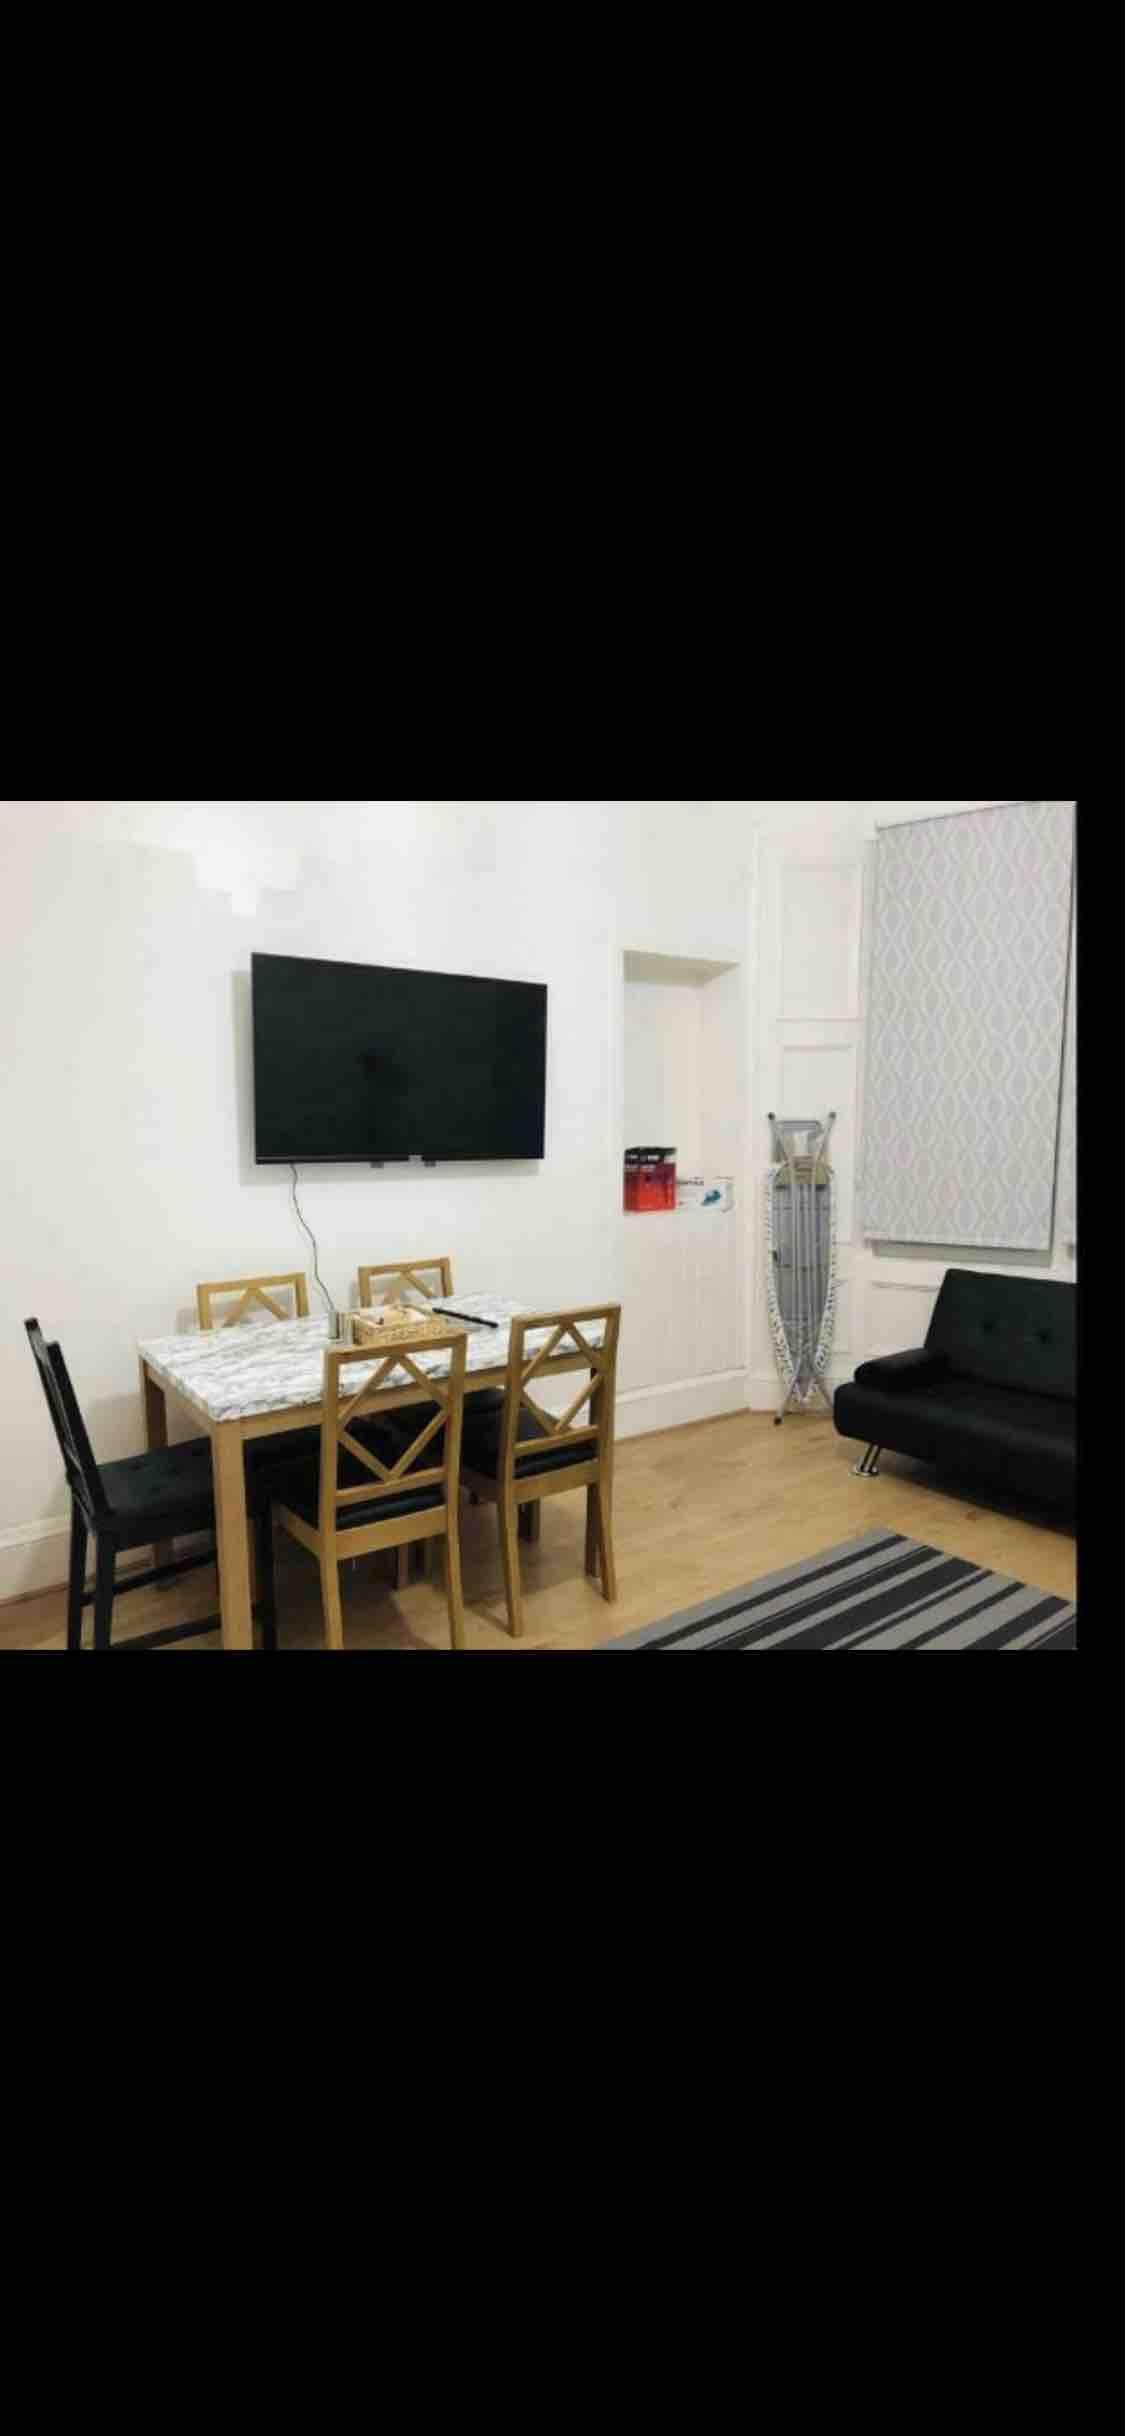 1 room in Rutherglen, Glasgow, G73 1AF RoomsLocal image